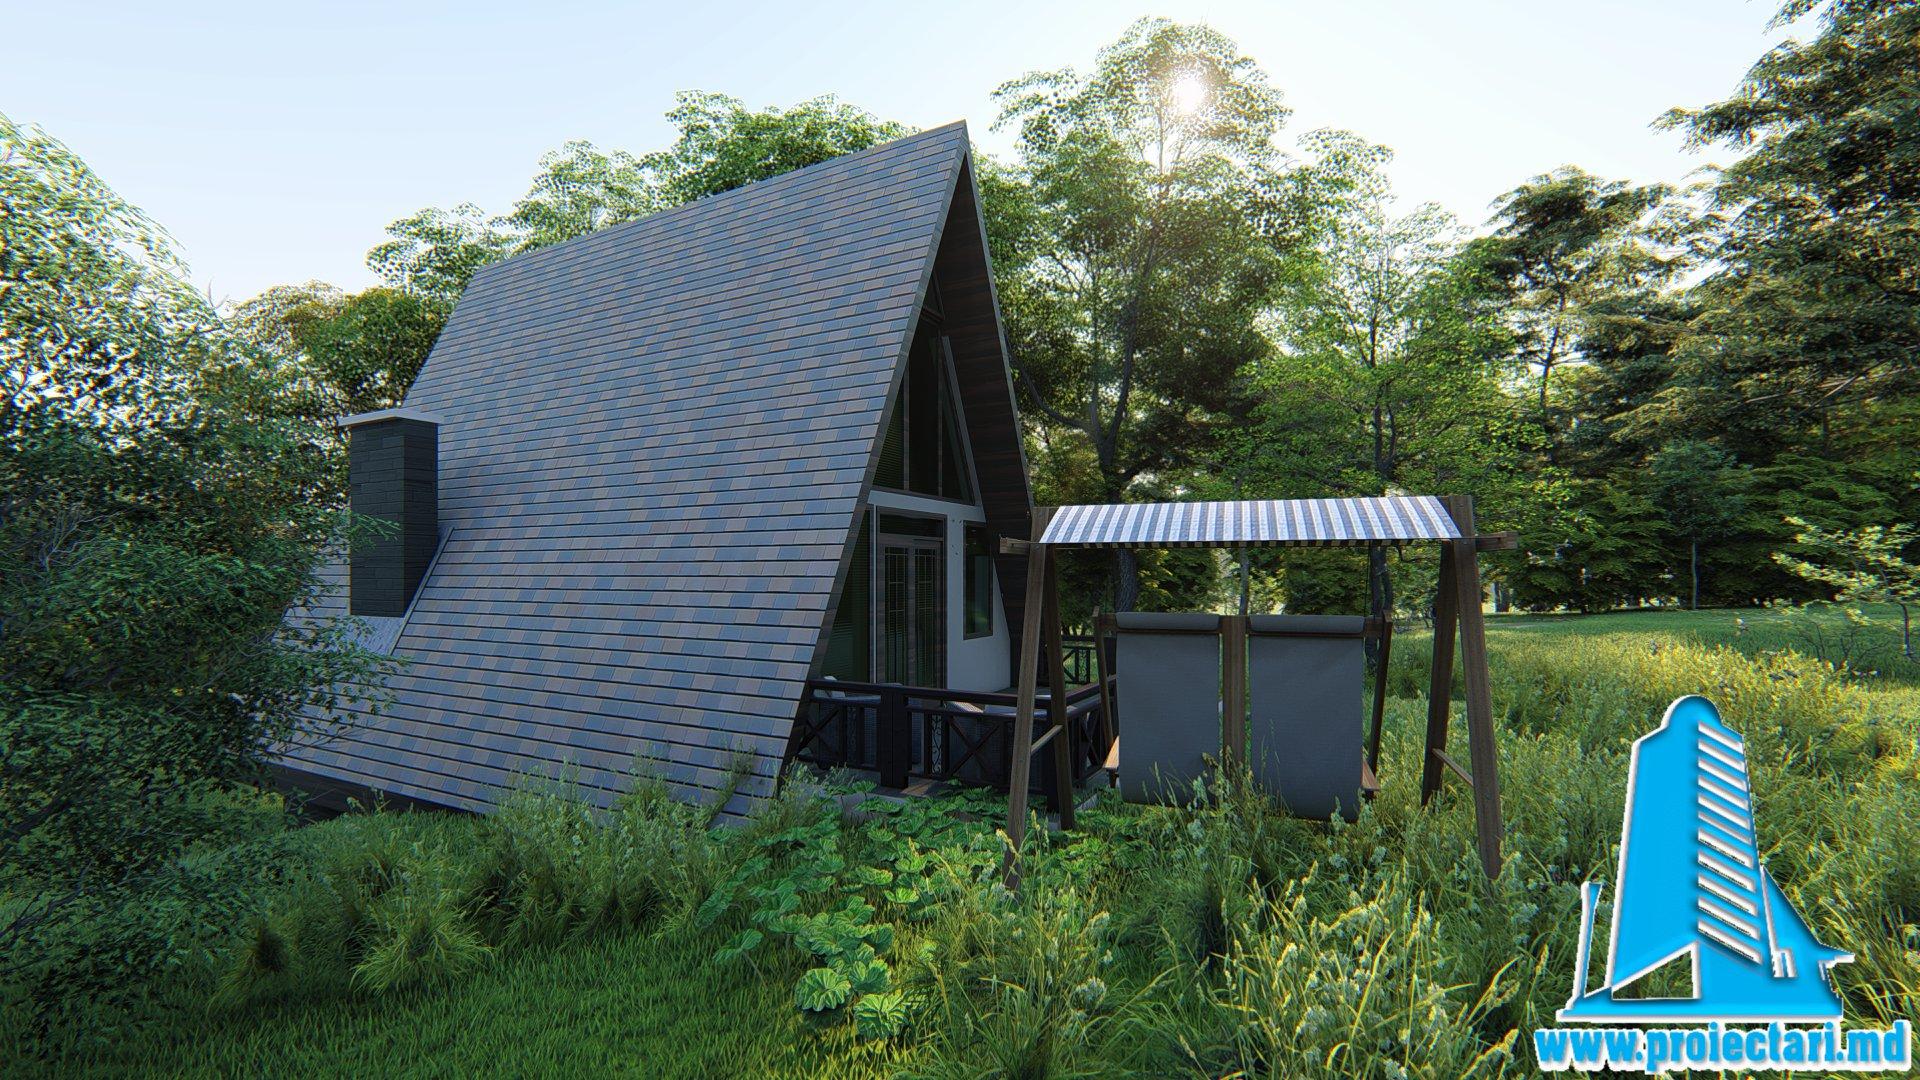 Vila Cabana Din Lemnarie Cu Acoperis Ascutit De Tip Finlandez Pe Structura Din Beton 101062 Proiectari Si Constructii